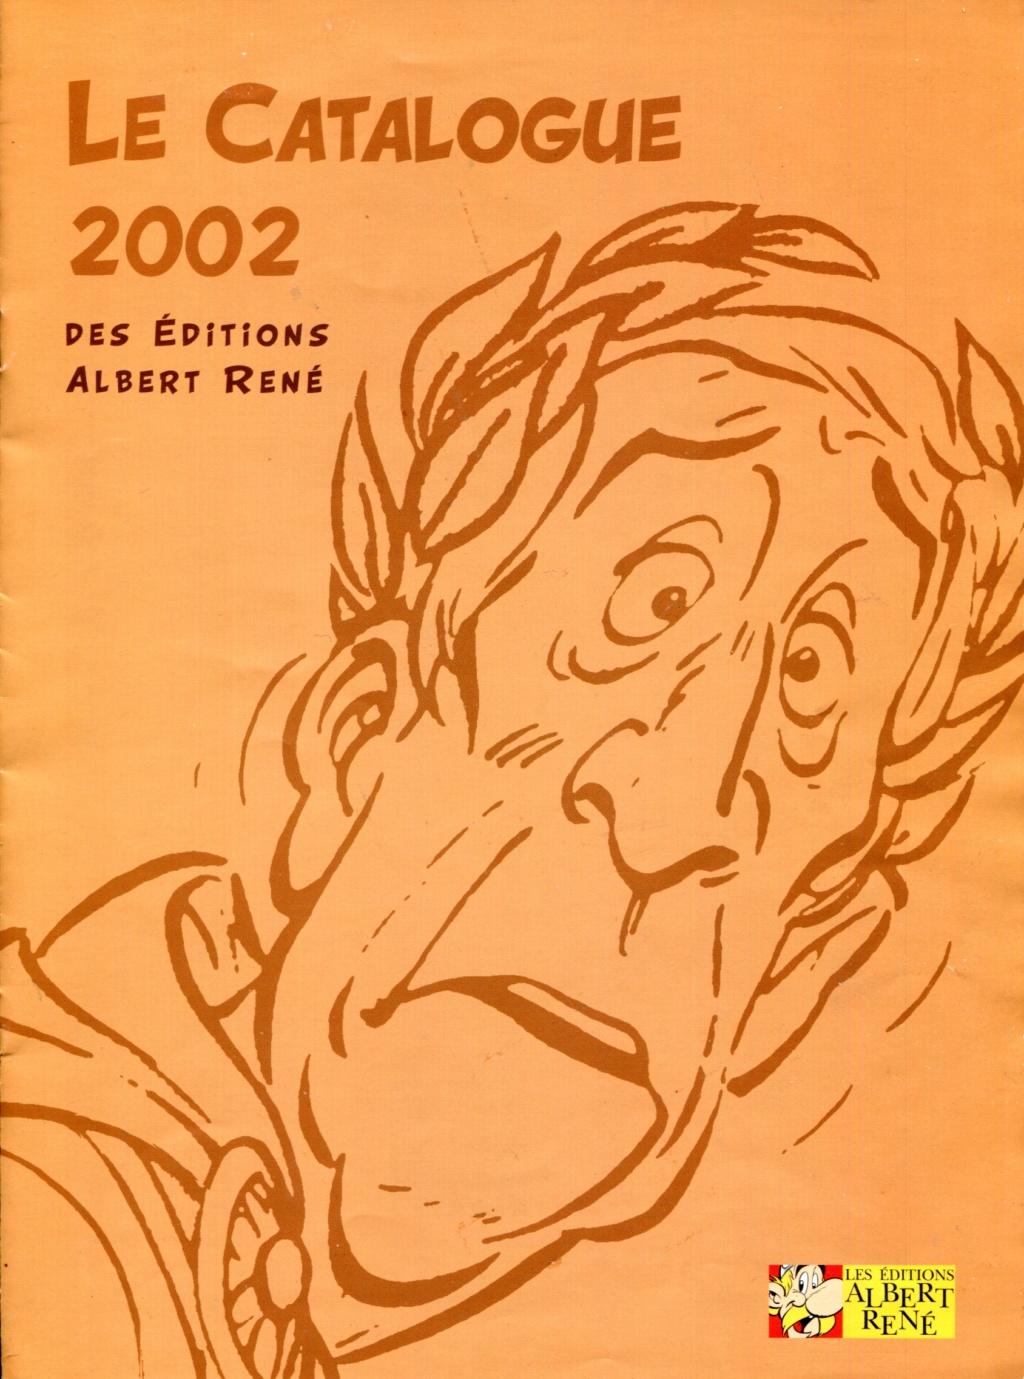 mesraretés ou ce que j'appelle raretés ! - Page 40 2002_l10